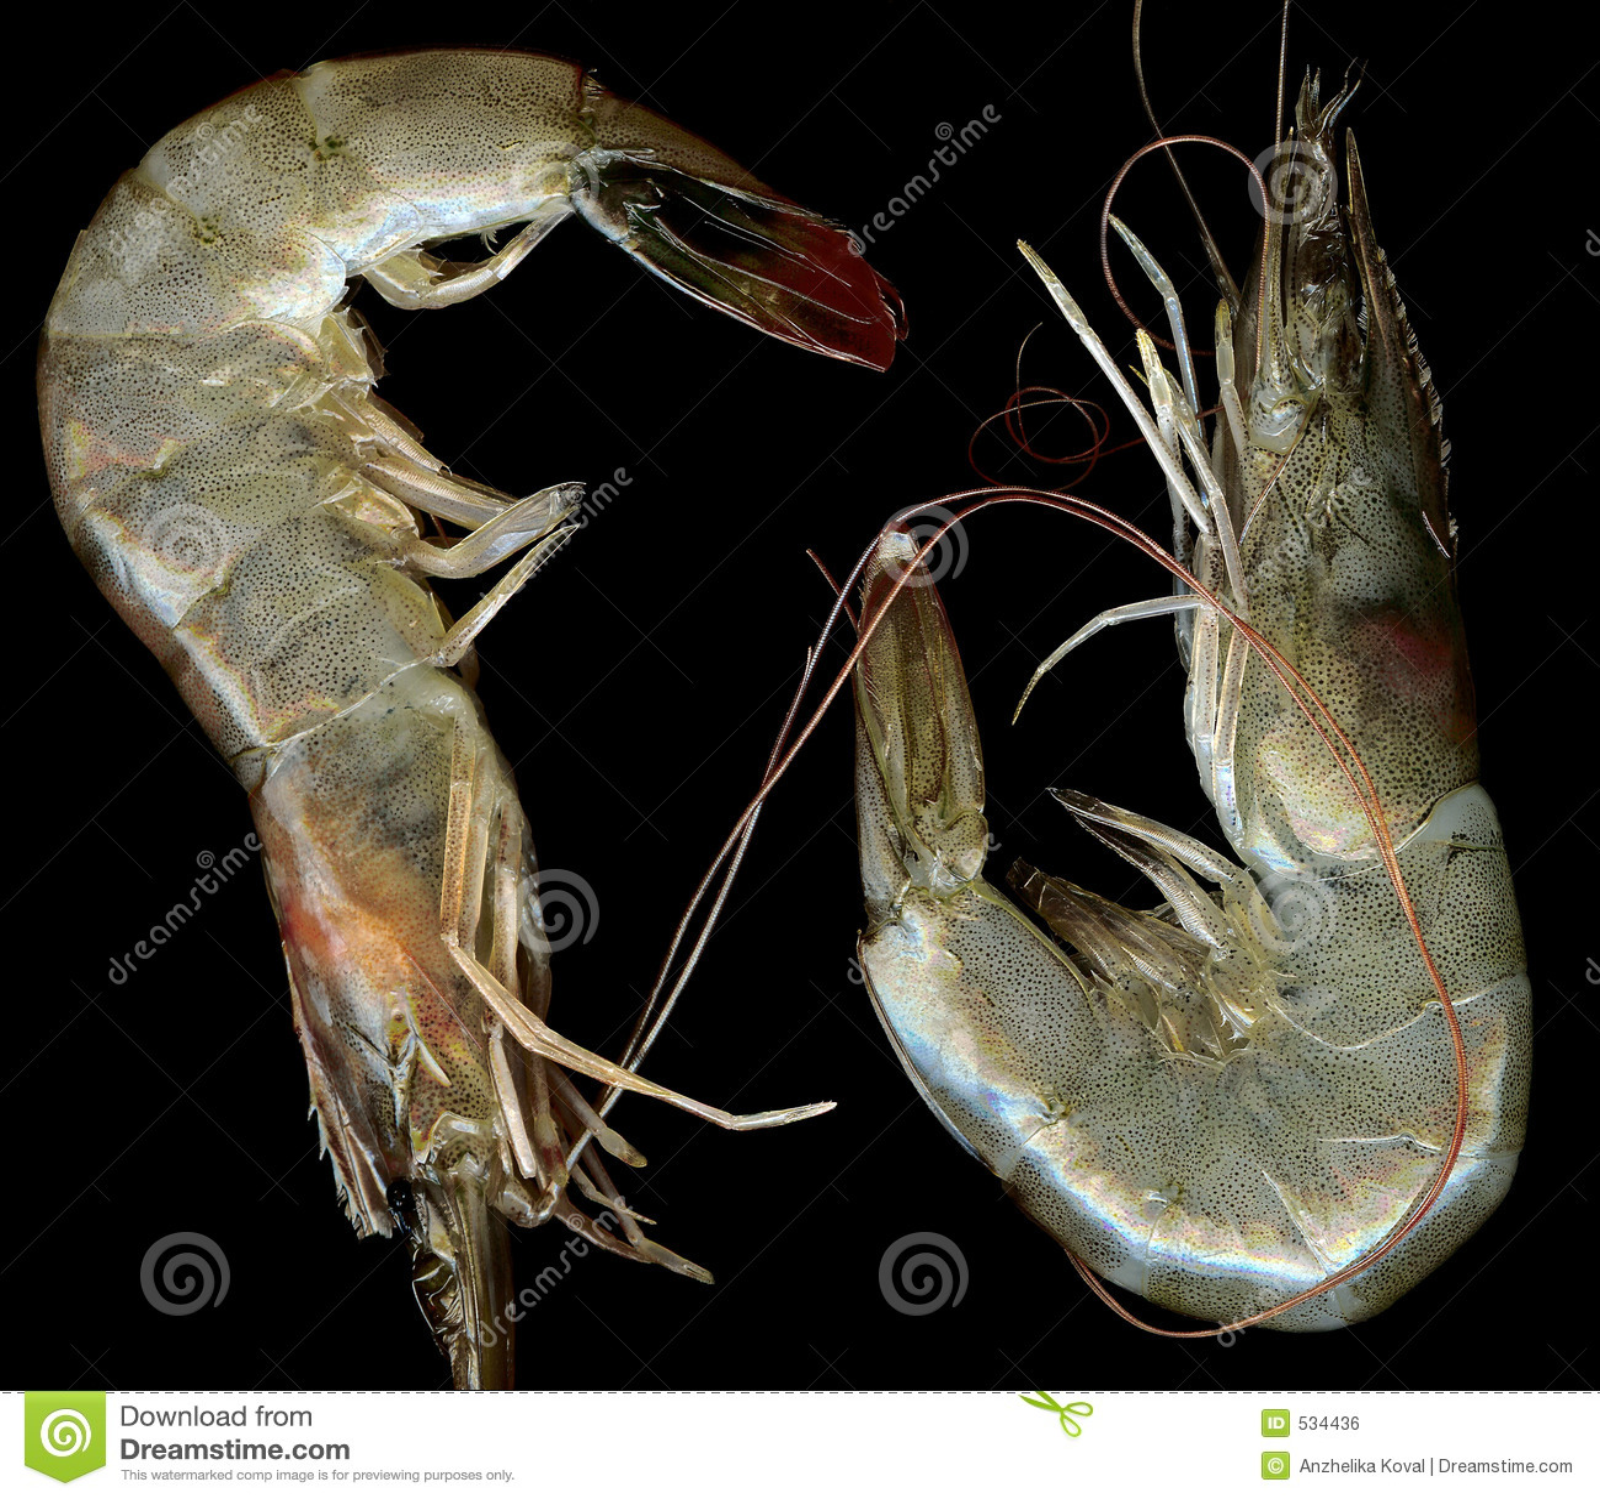 Download 接近的新鲜的大虾 库存照片. 图片 包括有 饮食, 食物, 地中海, 营养, 辣椒, 烹调, 可口, 大虾, 卡路里 - 534436